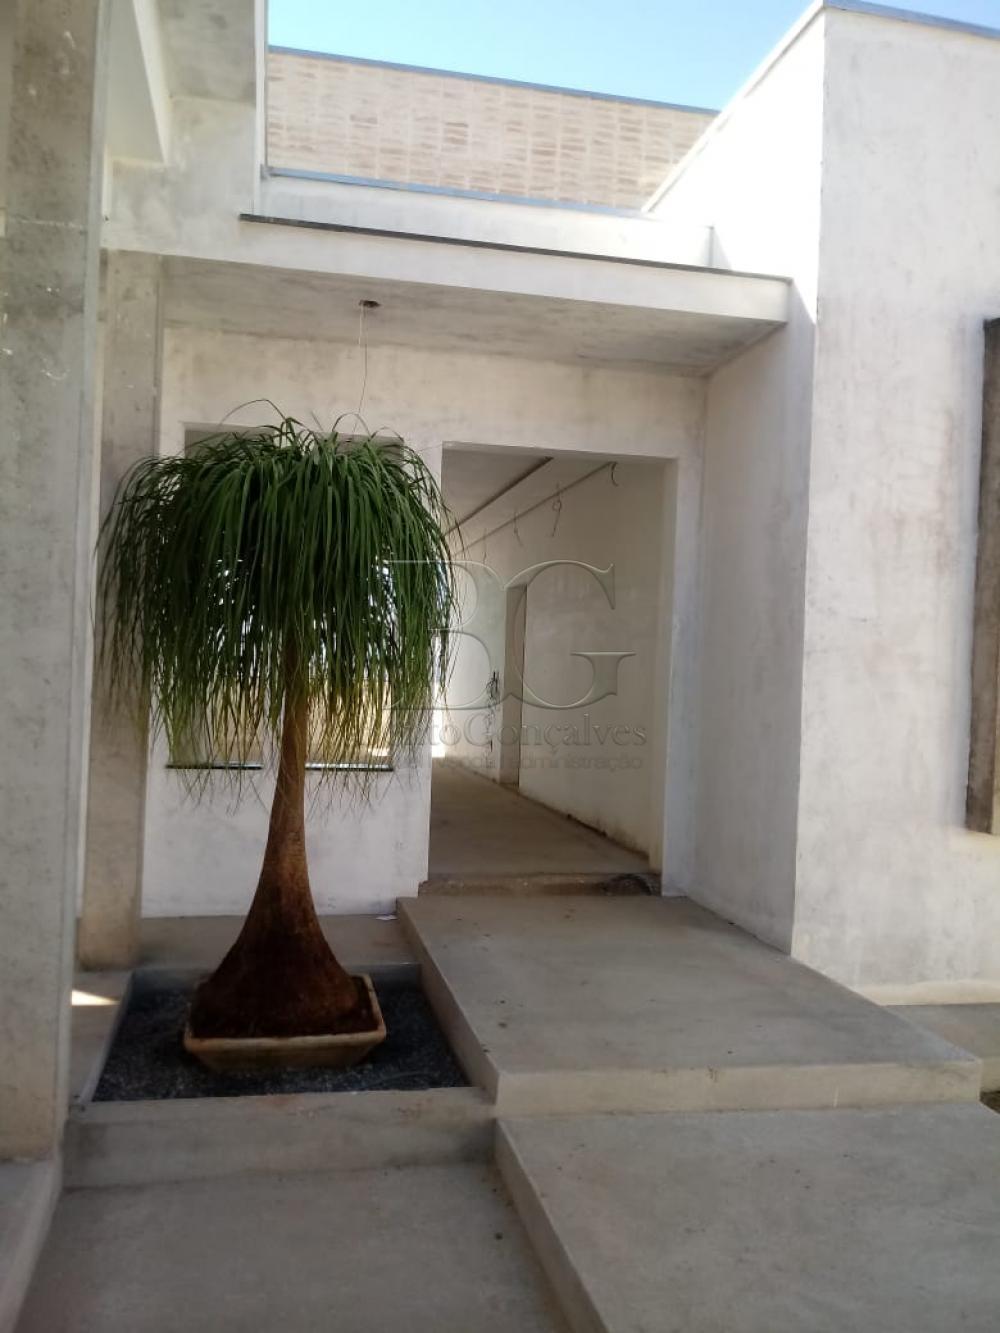 Comprar Casas / Padrão em Poços de Caldas apenas R$ 1.500.000,00 - Foto 21